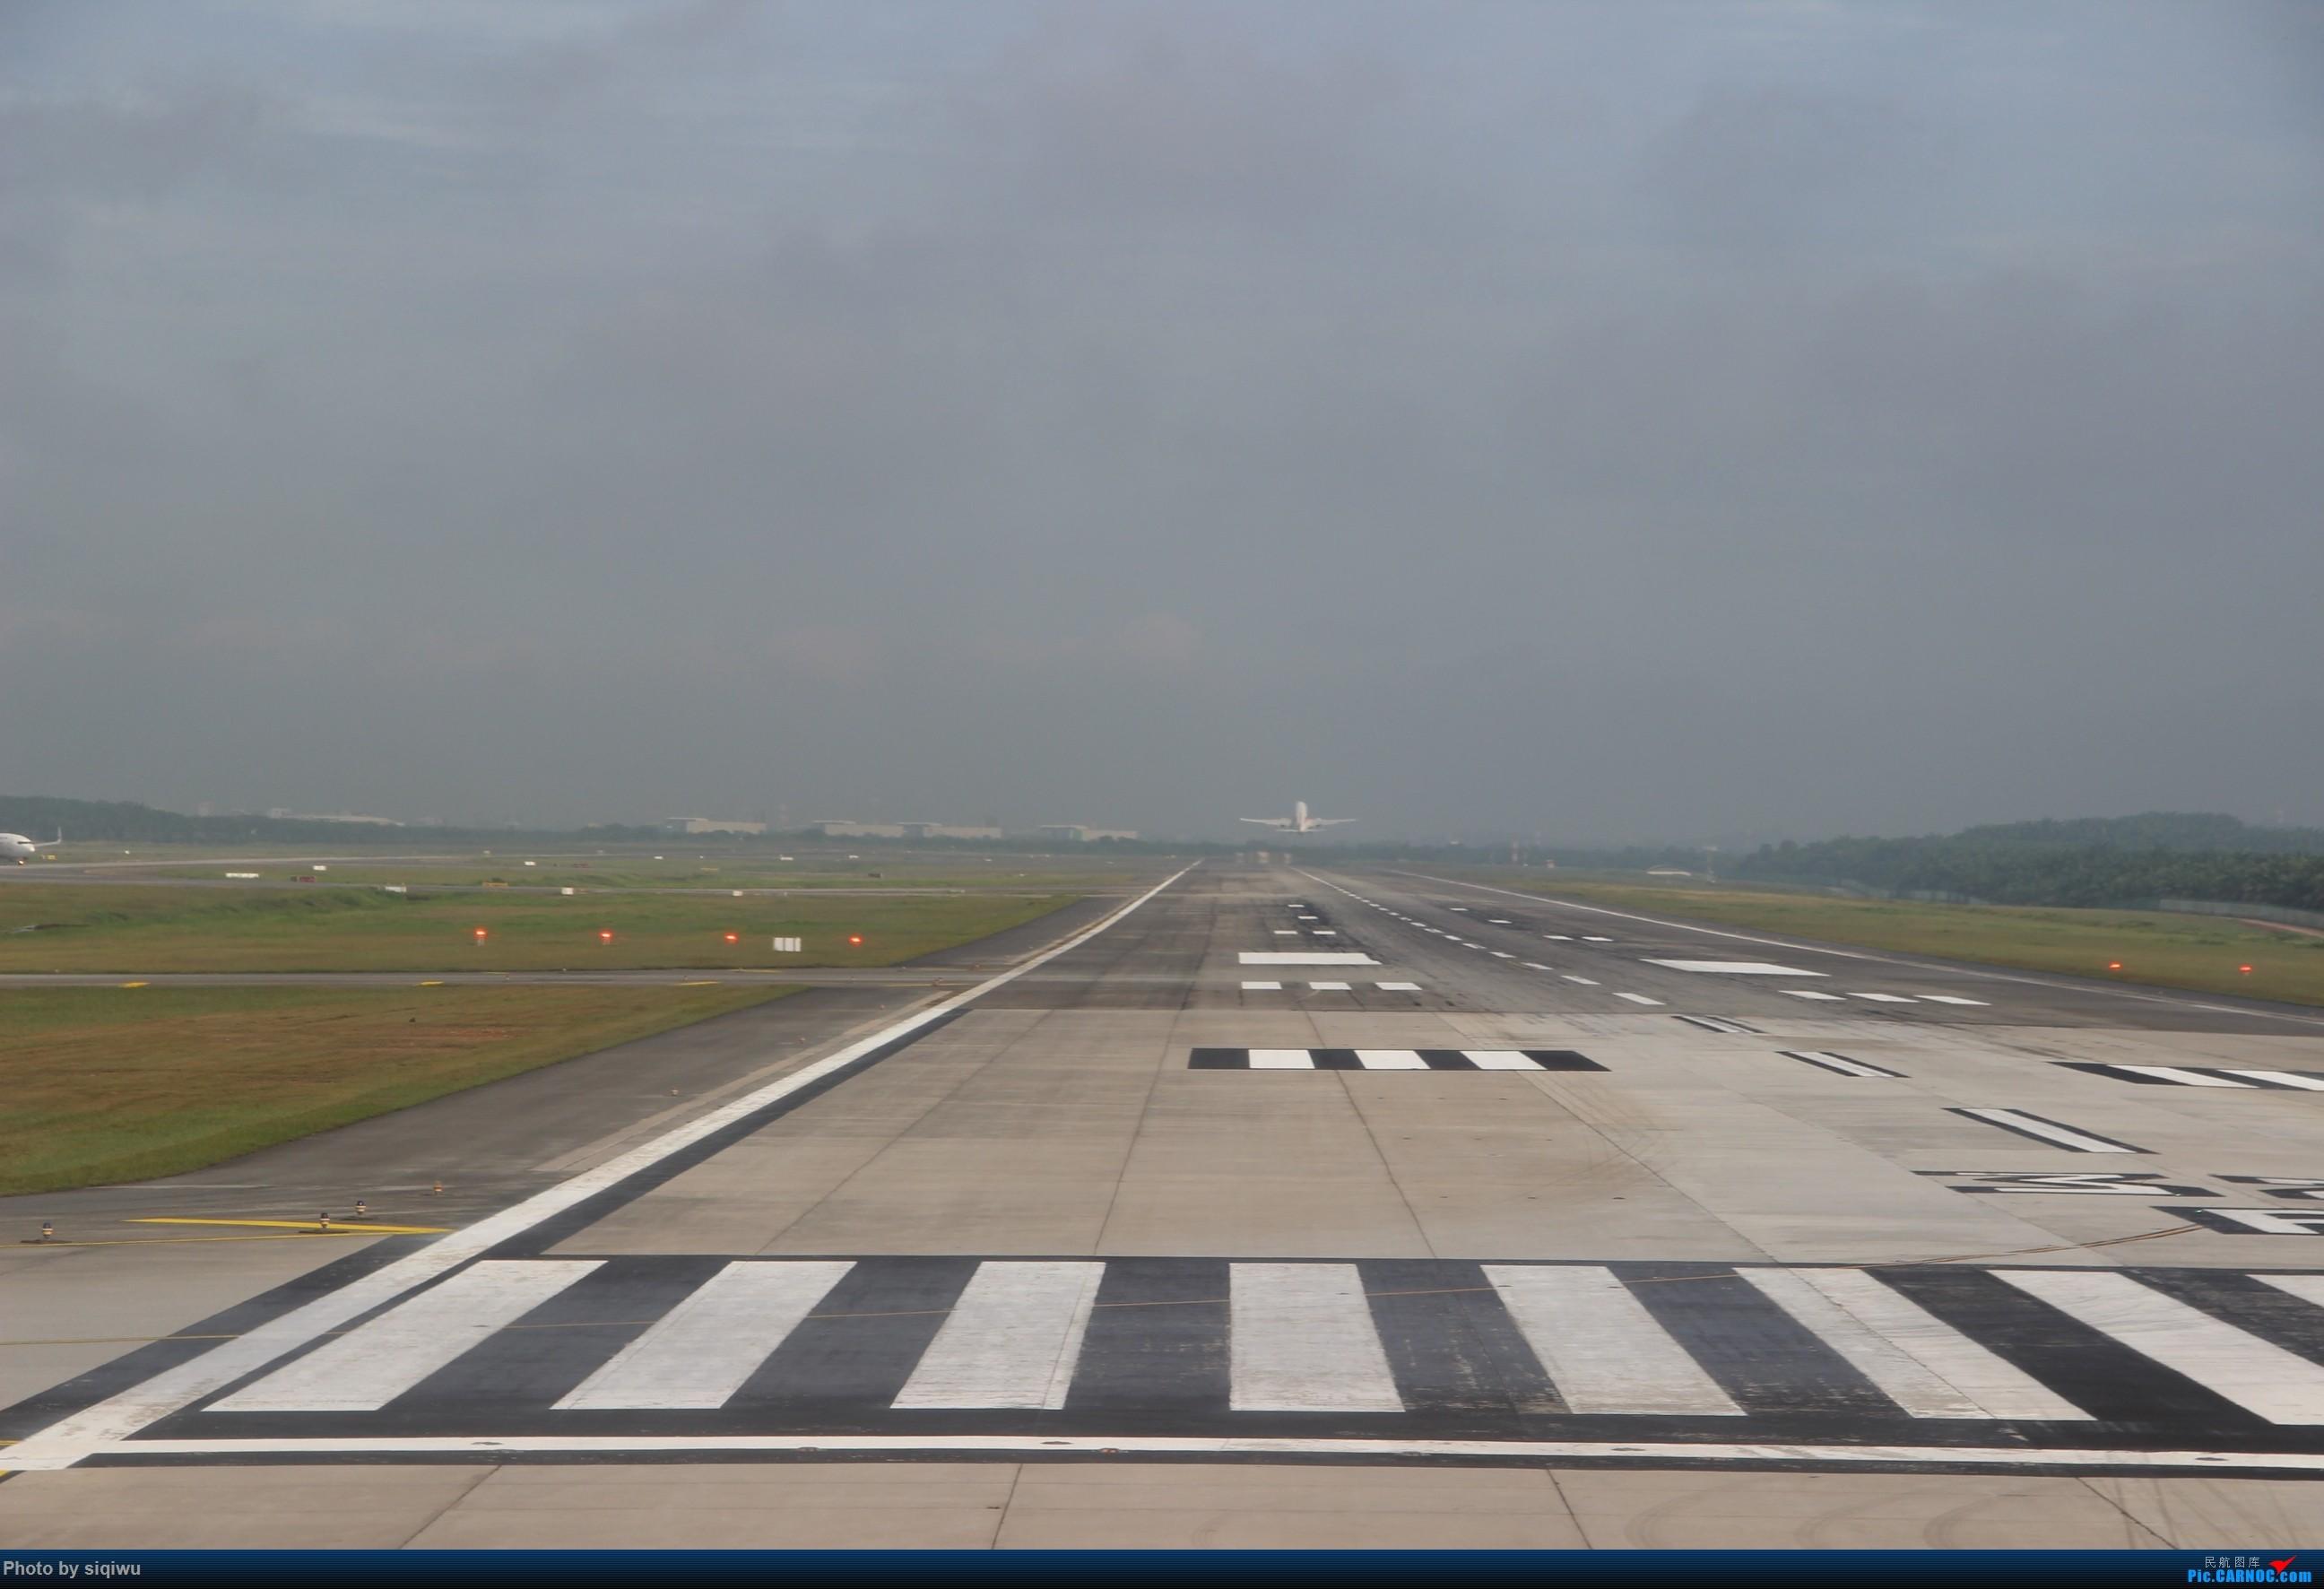 Re:[原创]PVG-HKG-KUL-HKG-PVG 四天往返,CX/KA BOEING 747-400  马来西亚吉隆坡国际机场 马来西亚吉隆坡国际机场